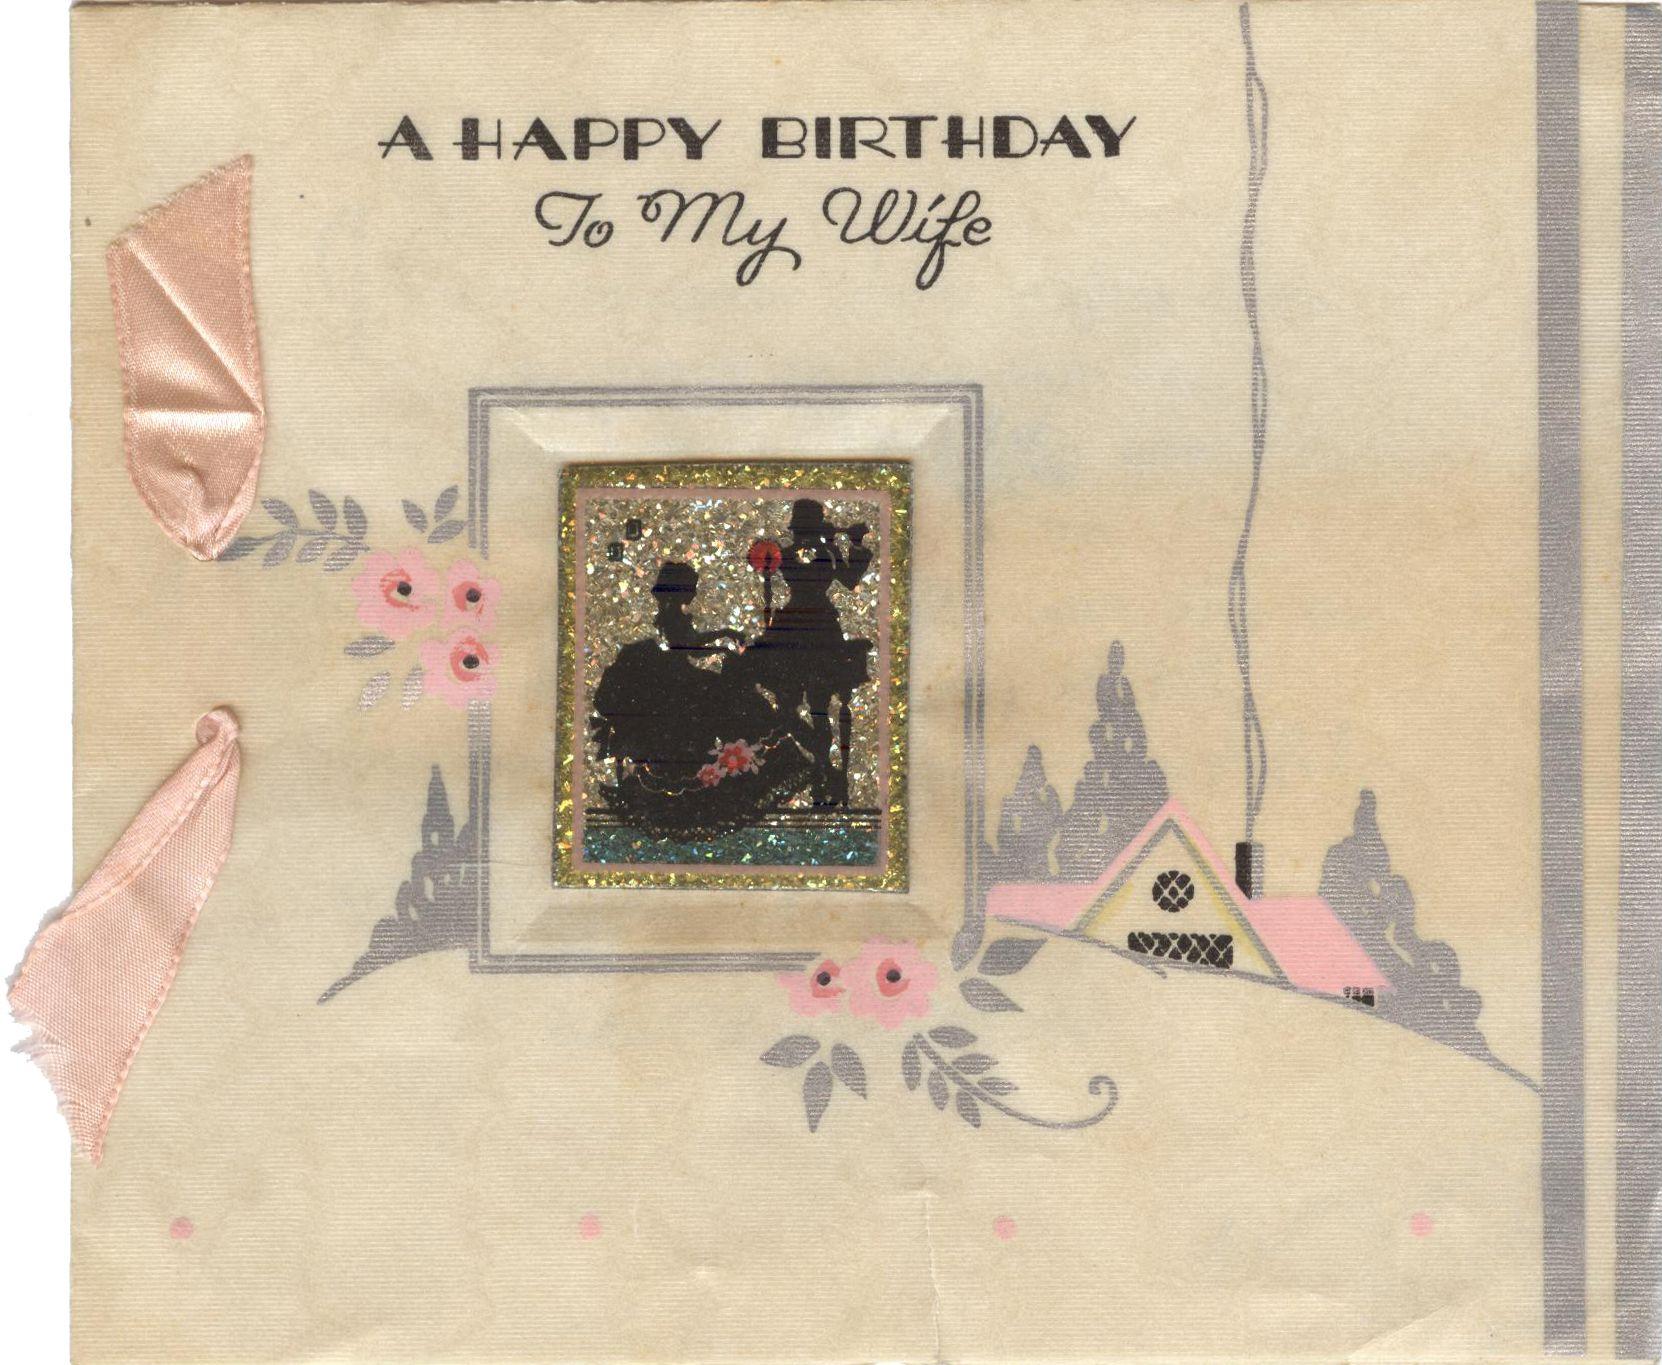 25 b 559 wifes birthday card hallmark greeting cards